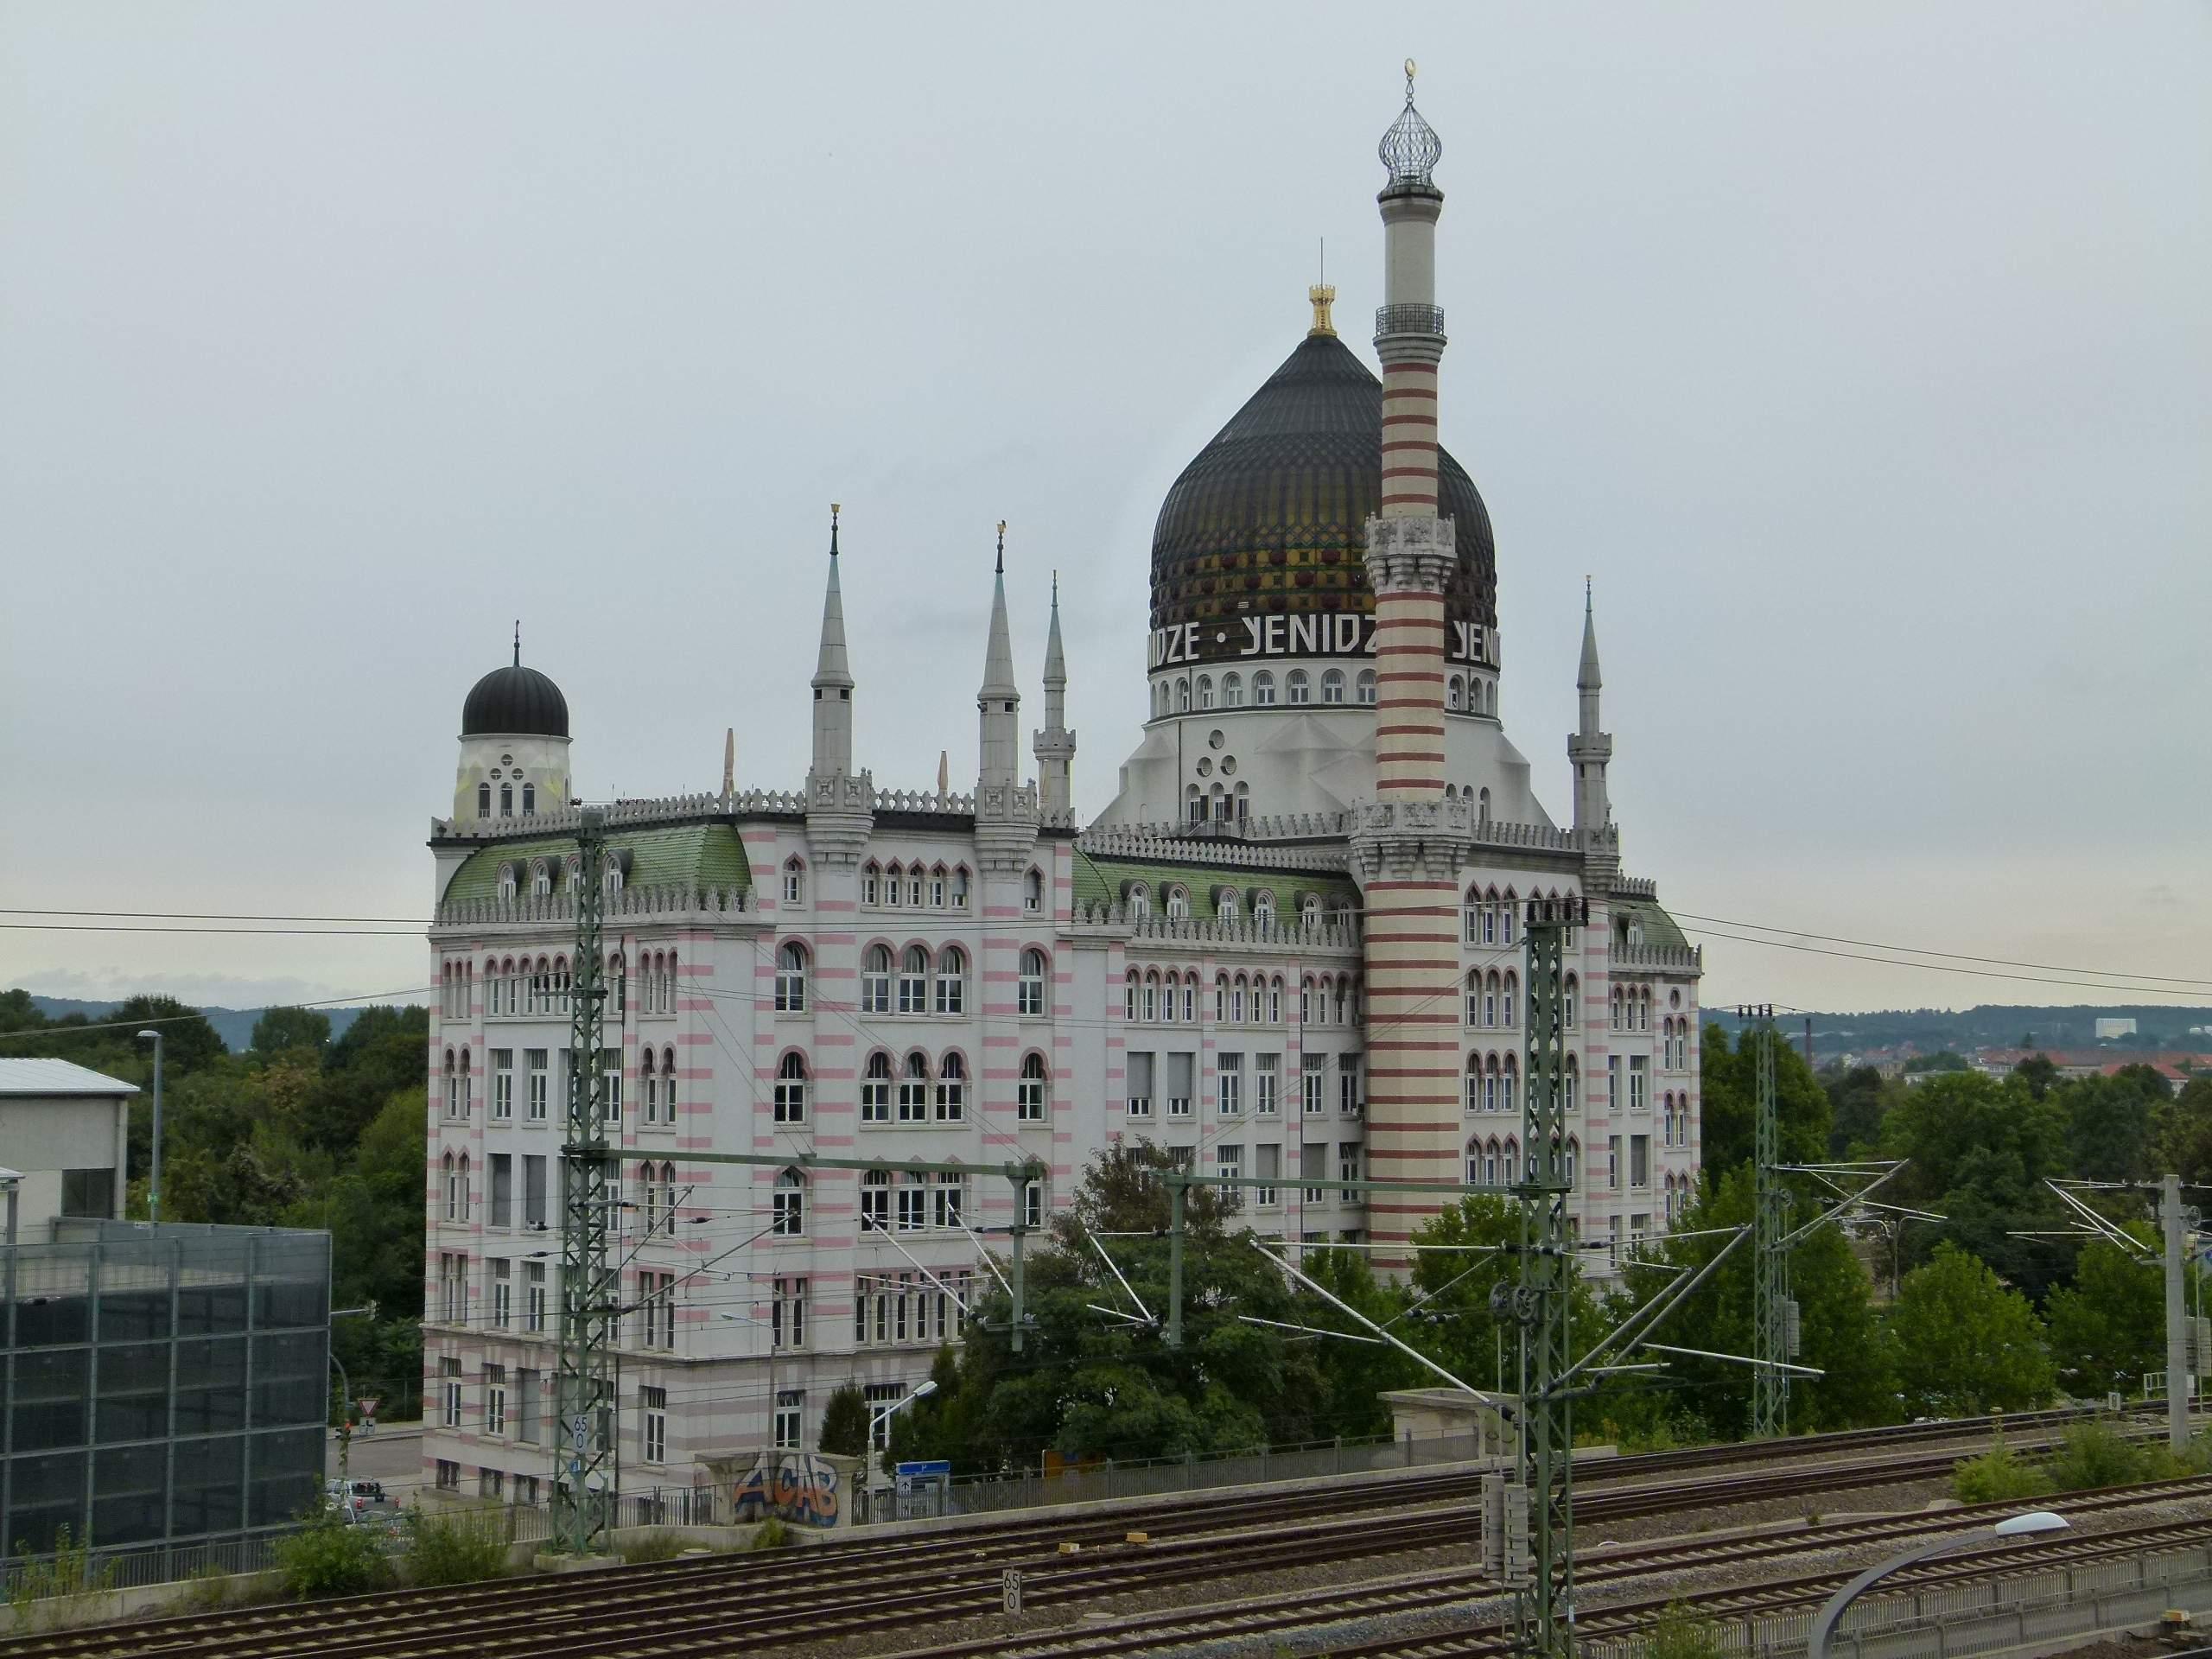 Yenidze in Dresden 1